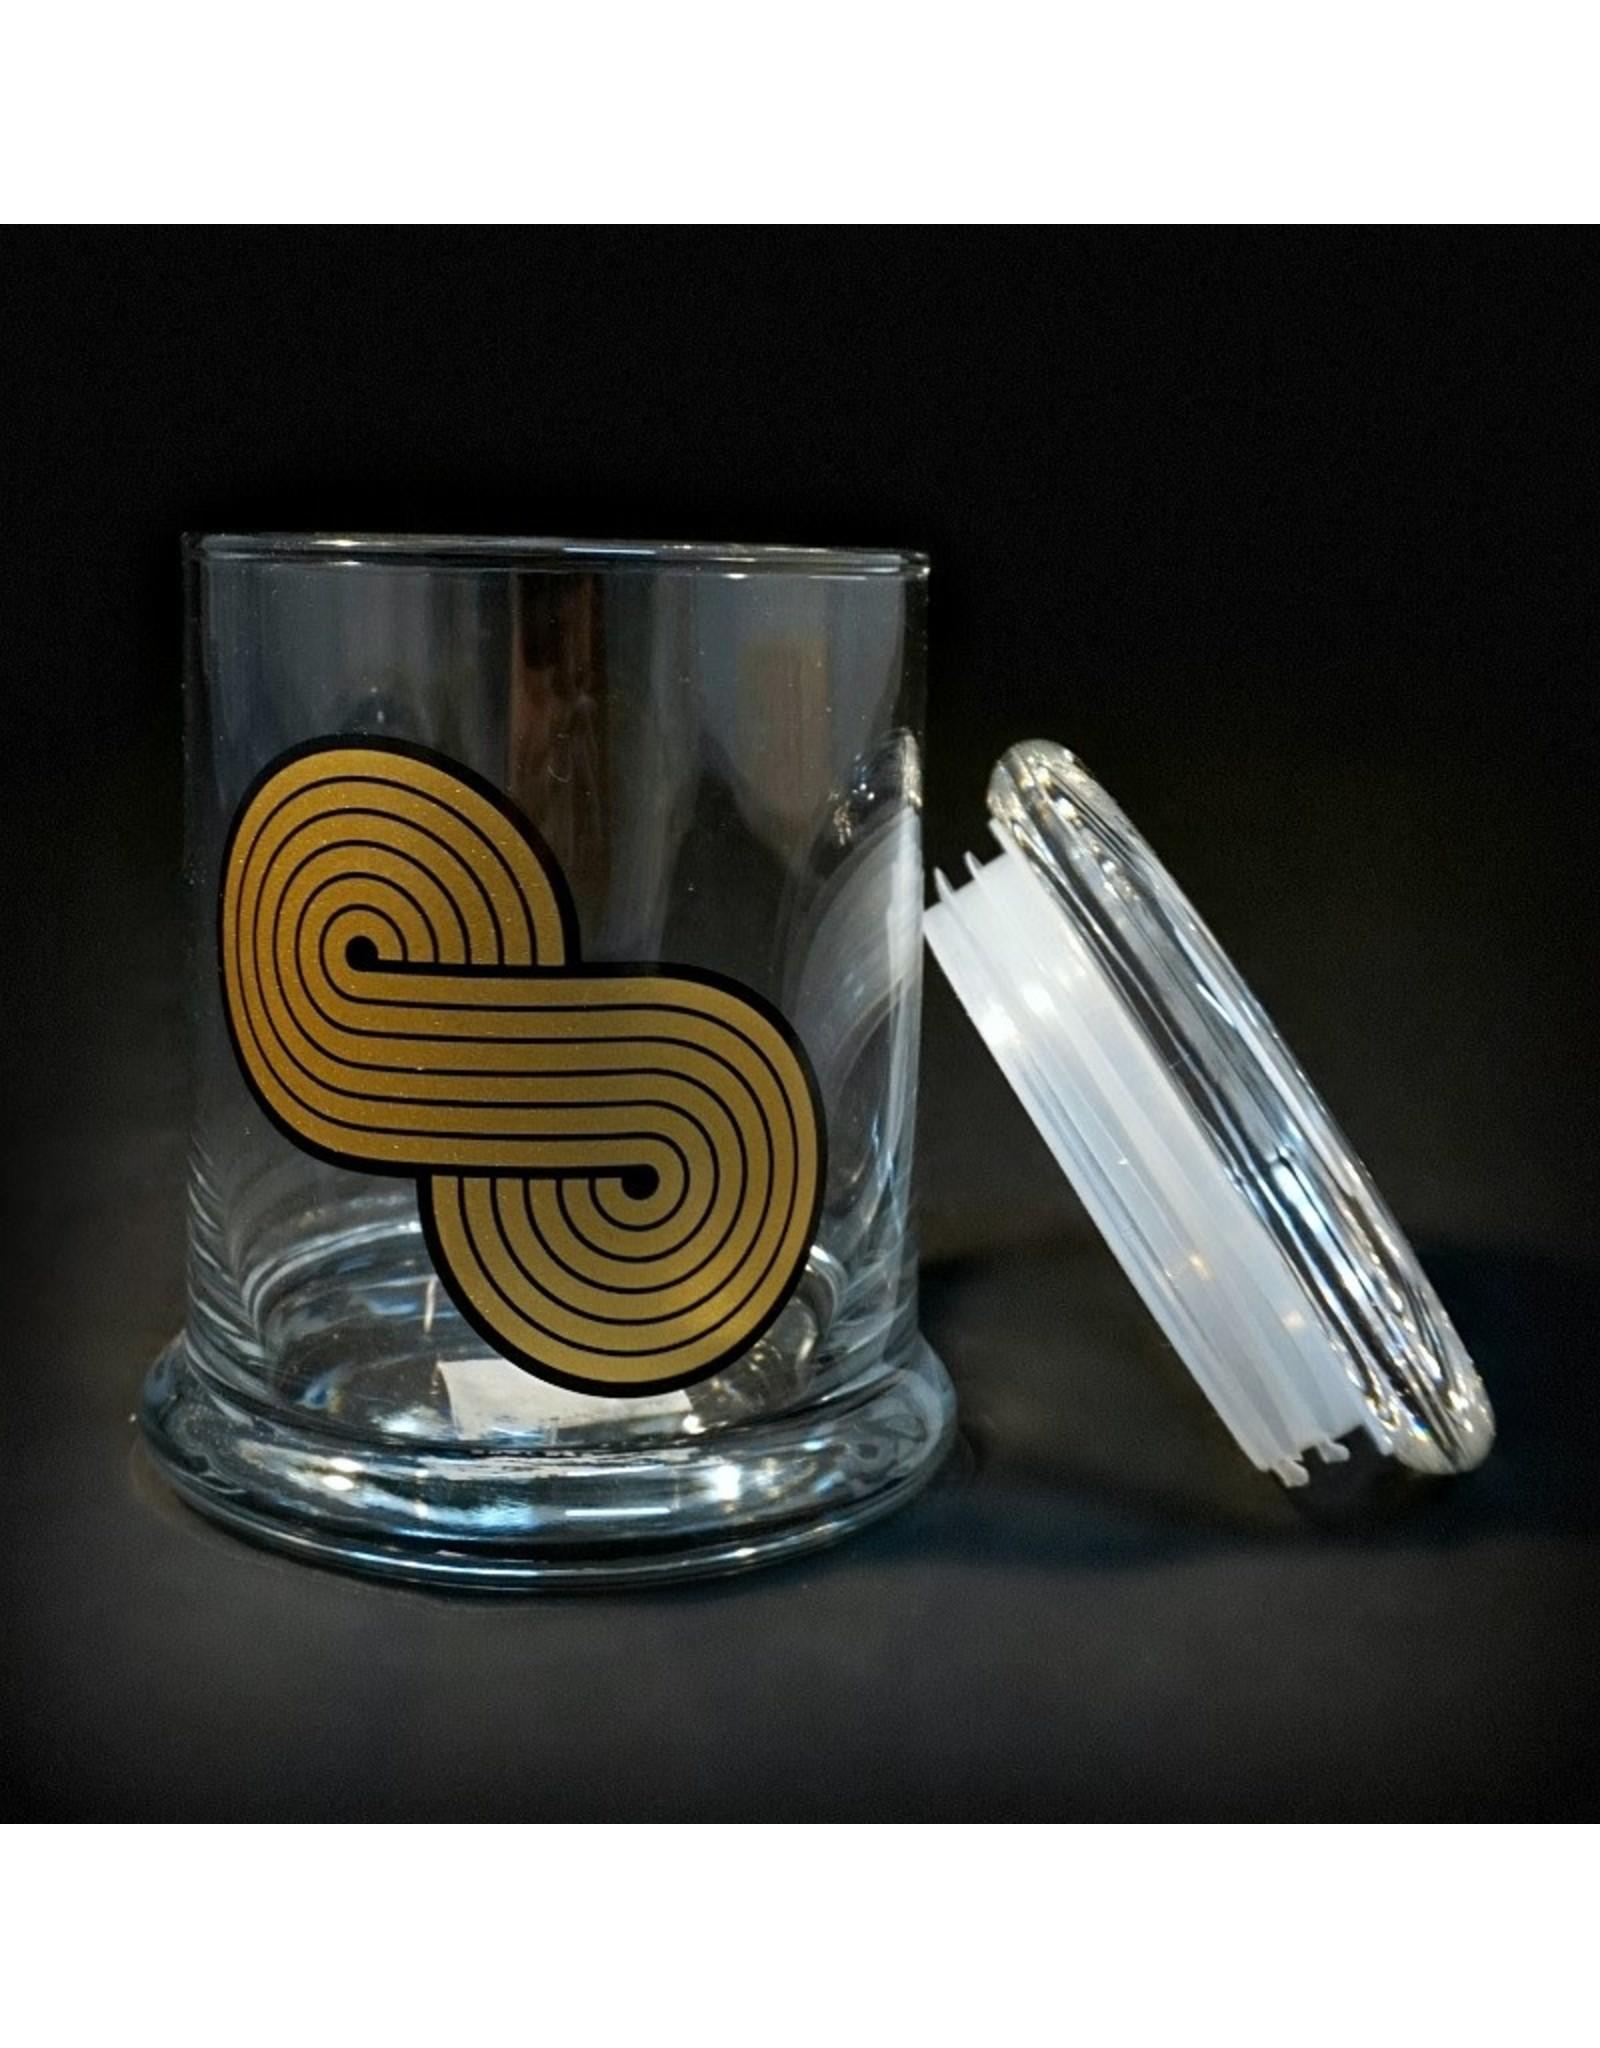 420 Science 420 Science Jars Large Infinite Loop Pop Top